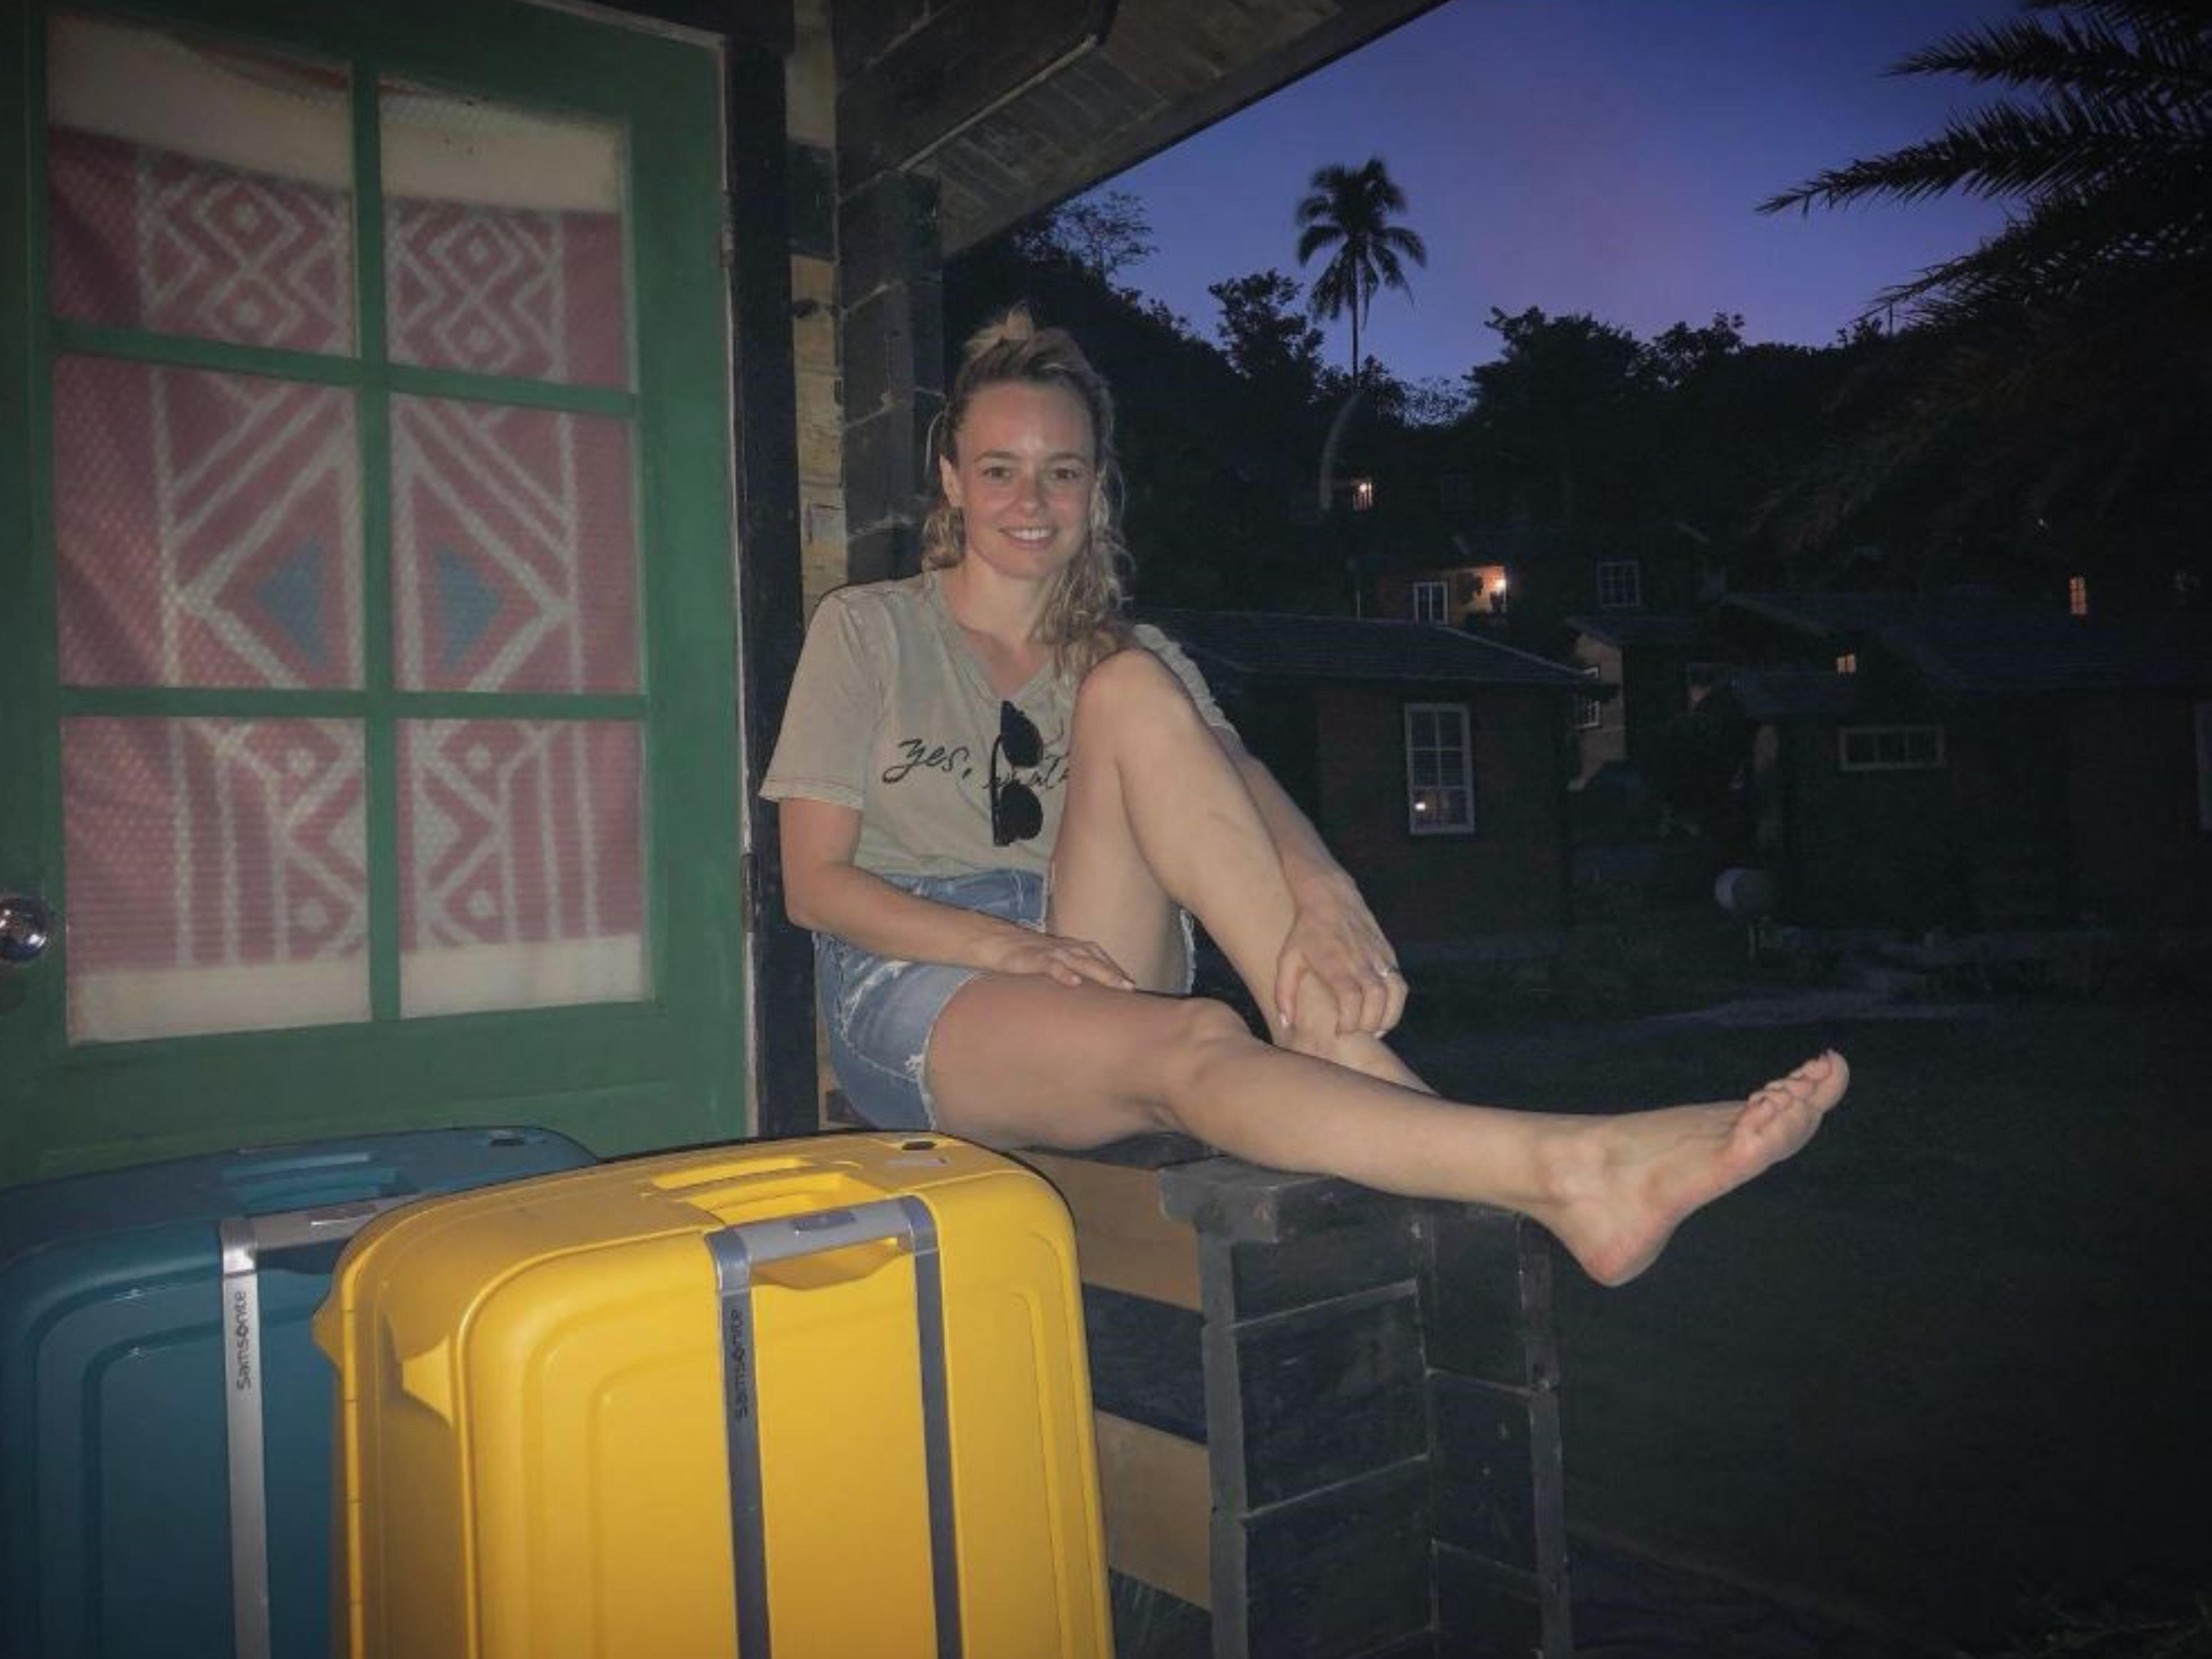 יעל בר זוהר מפתיעה את גיא זוארץ ואורזת איתה שלוש מזוודות סמסונייט צילום יחצ